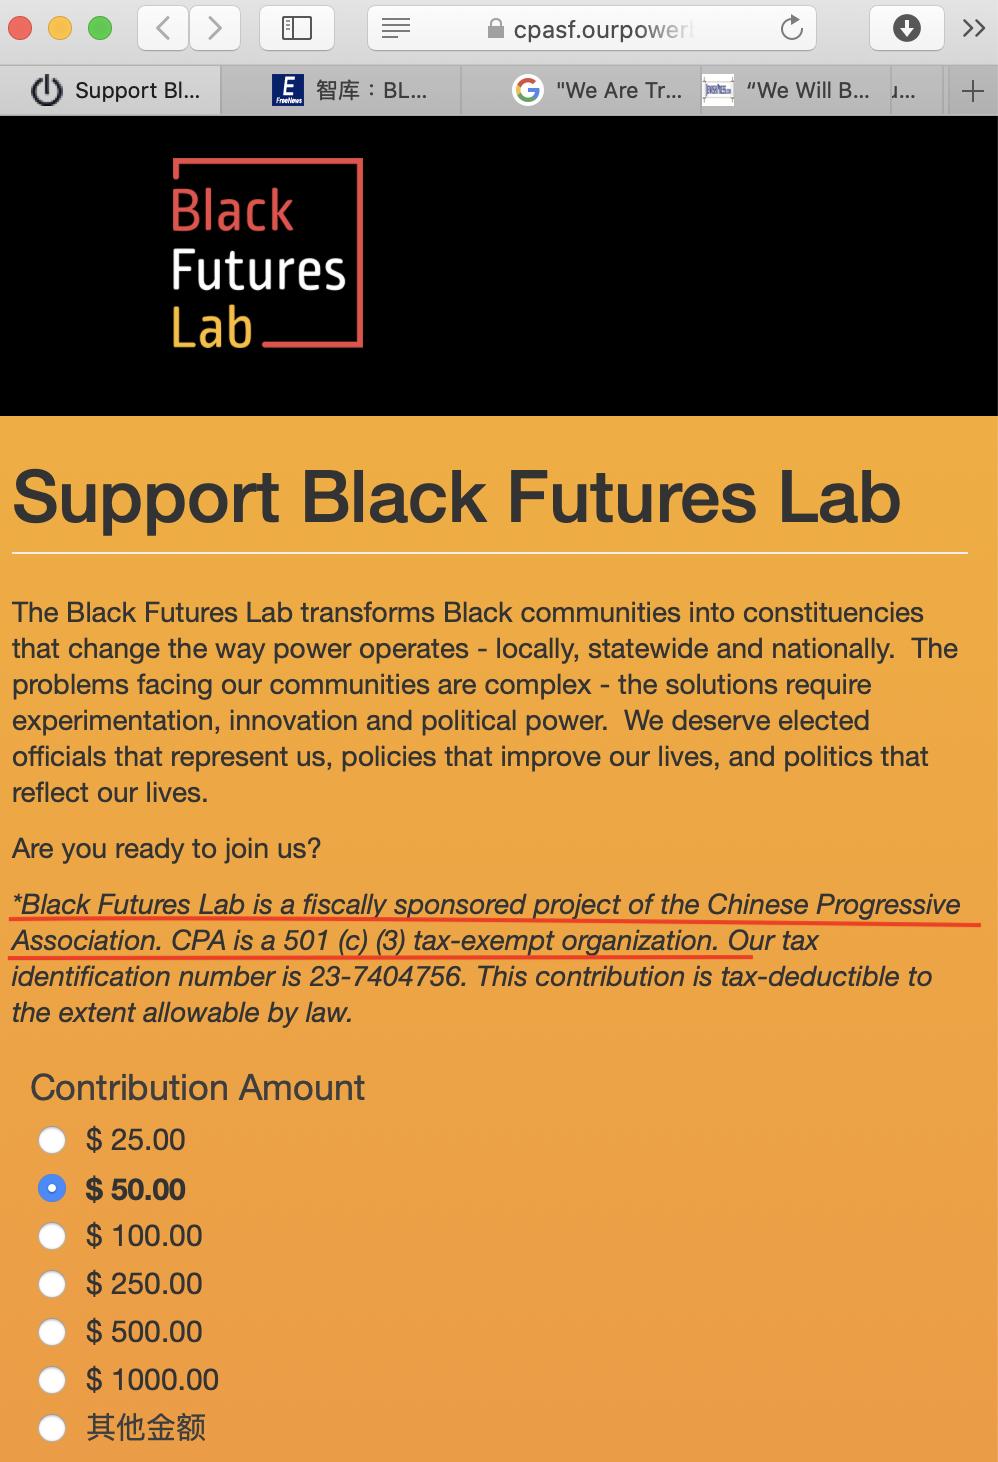 「華人進步會」資助BLM創始人設立新機構